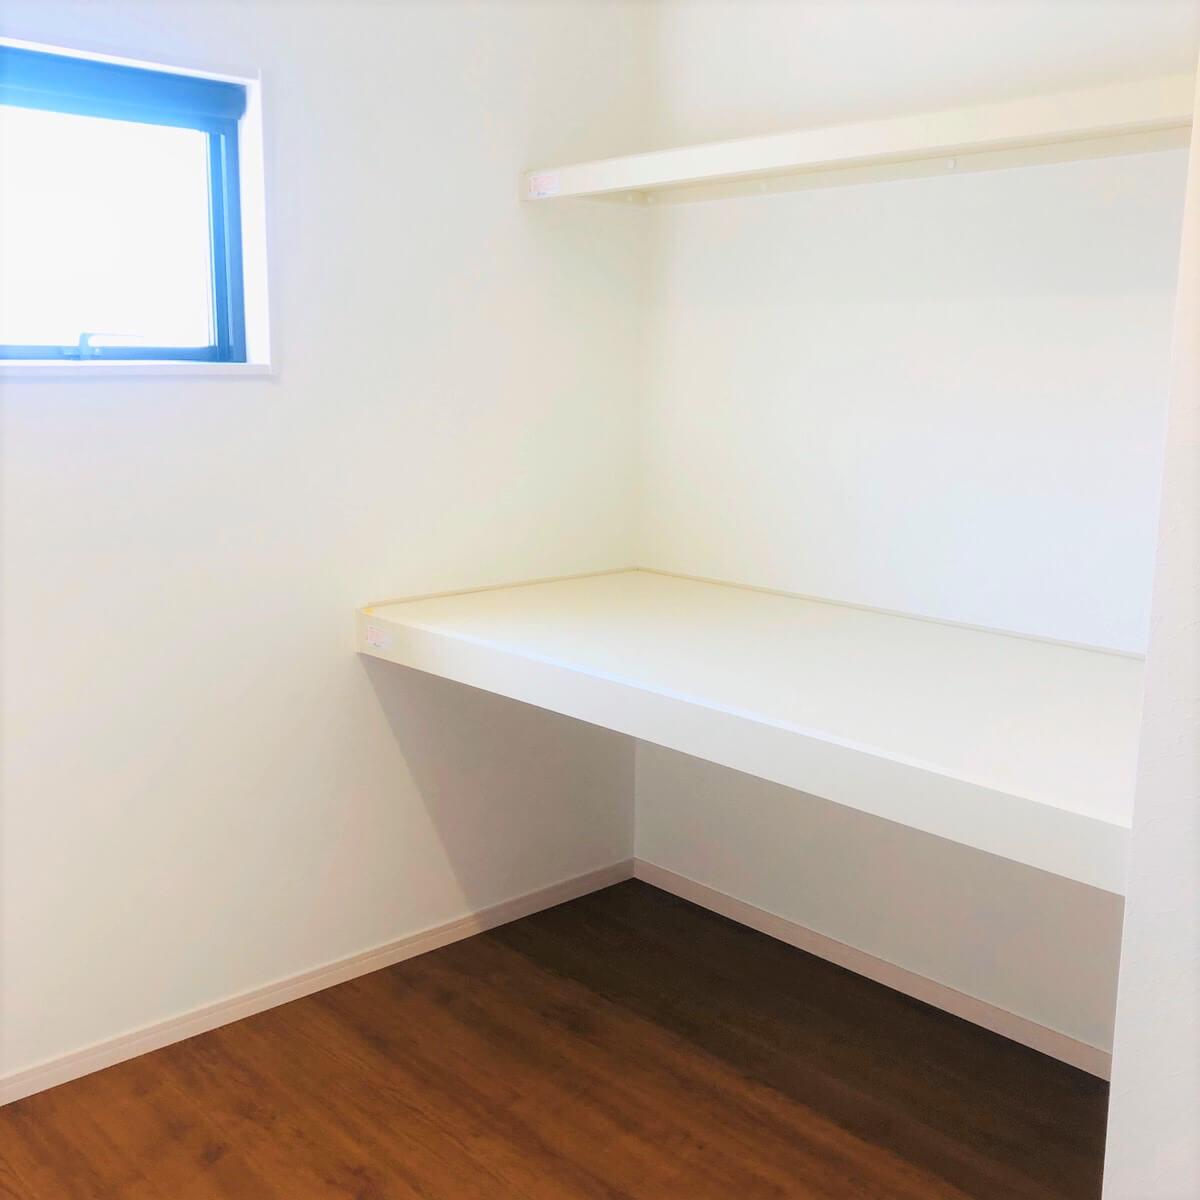 大村市新築建売住宅 「OURS小川内 1号地」「ファミリークローク」パース ◆家族みんなの荷物を収納できお片付けも楽ちんです。